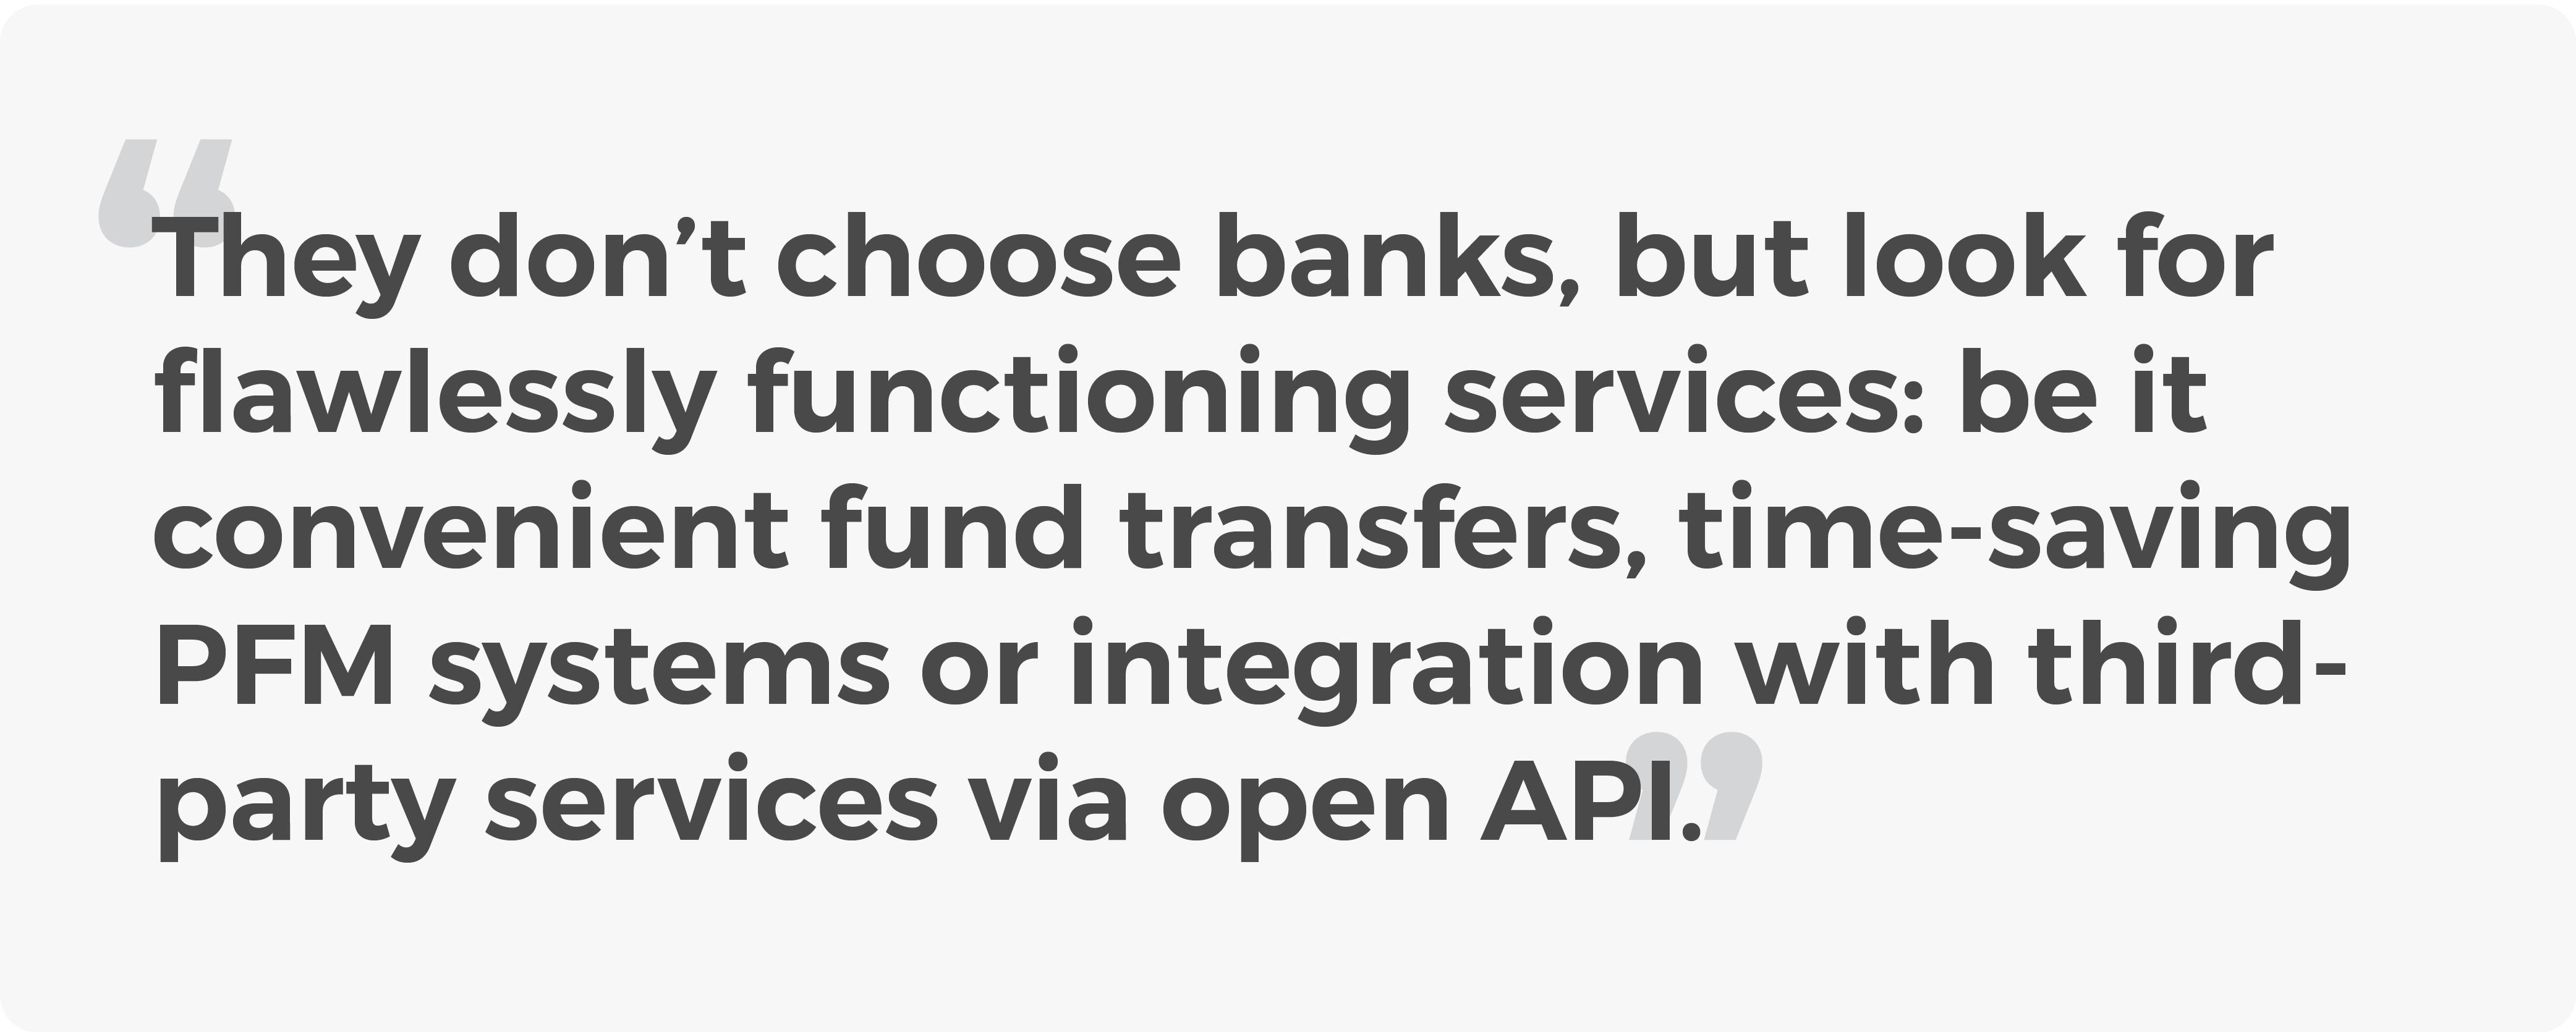 millennials digital banking